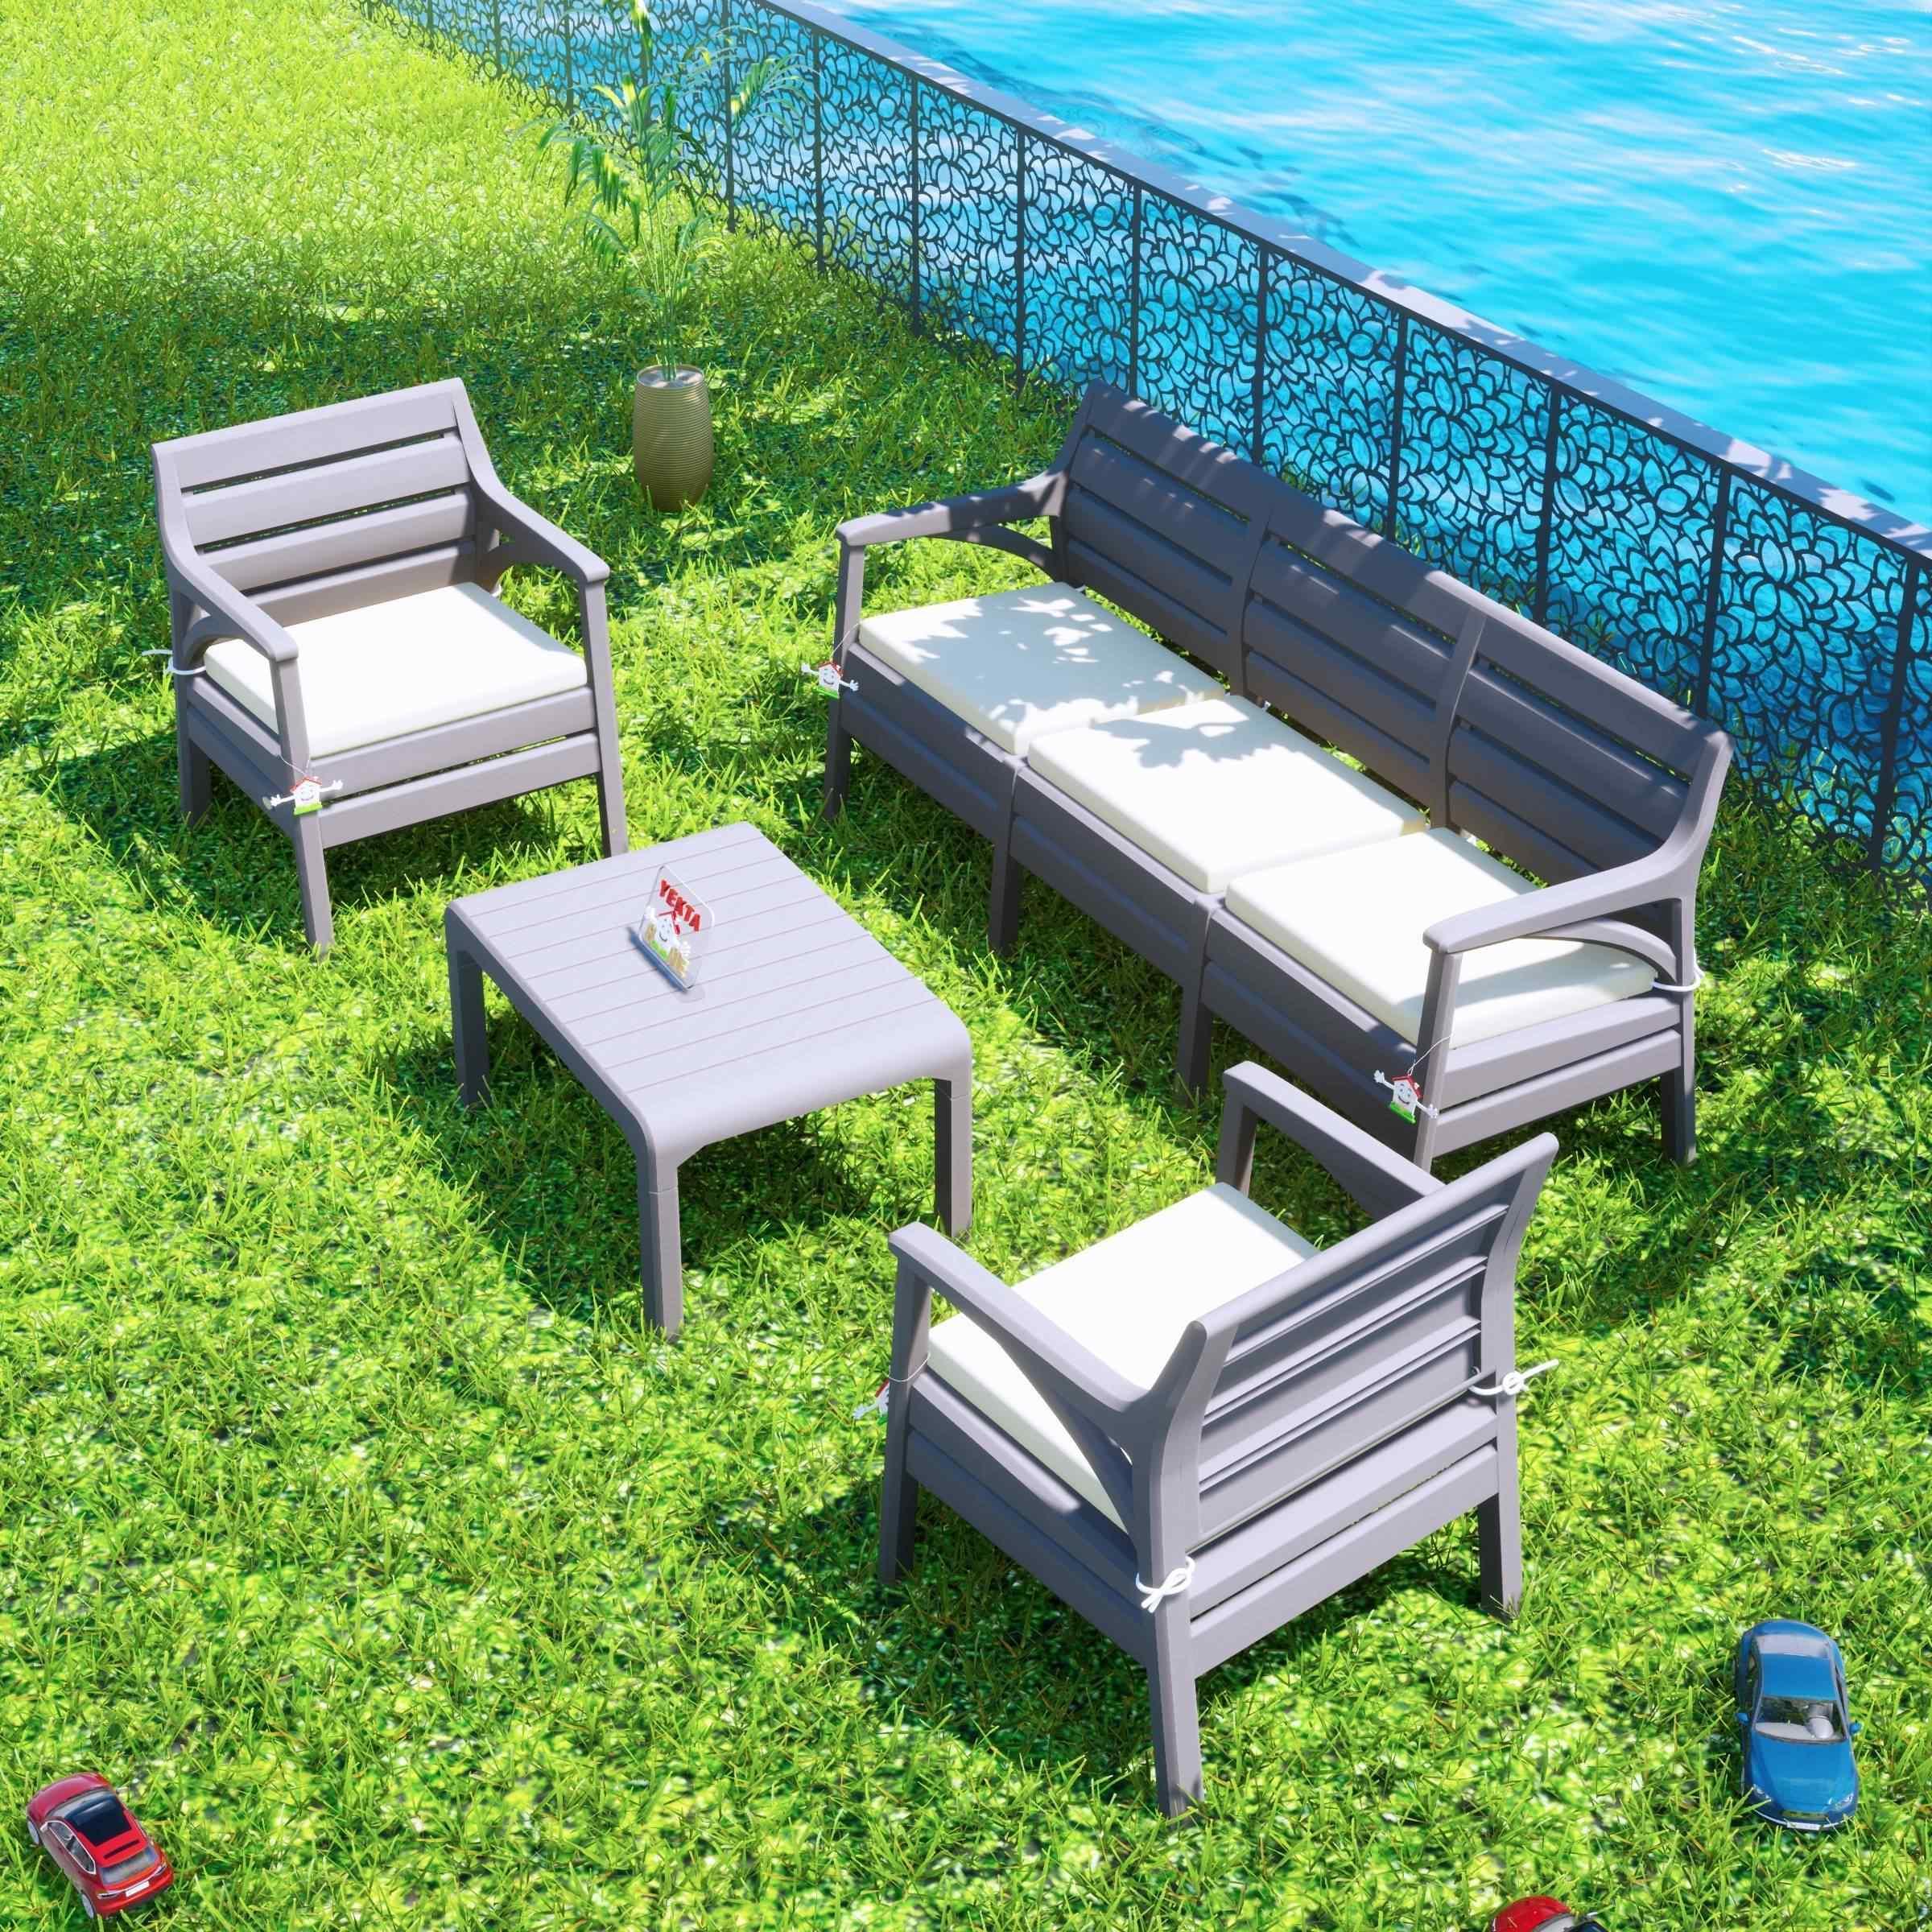 Holiday Hawai Oturma Grubu Bahçe Ve Balkon Koltuk Takımı Çöl Gri